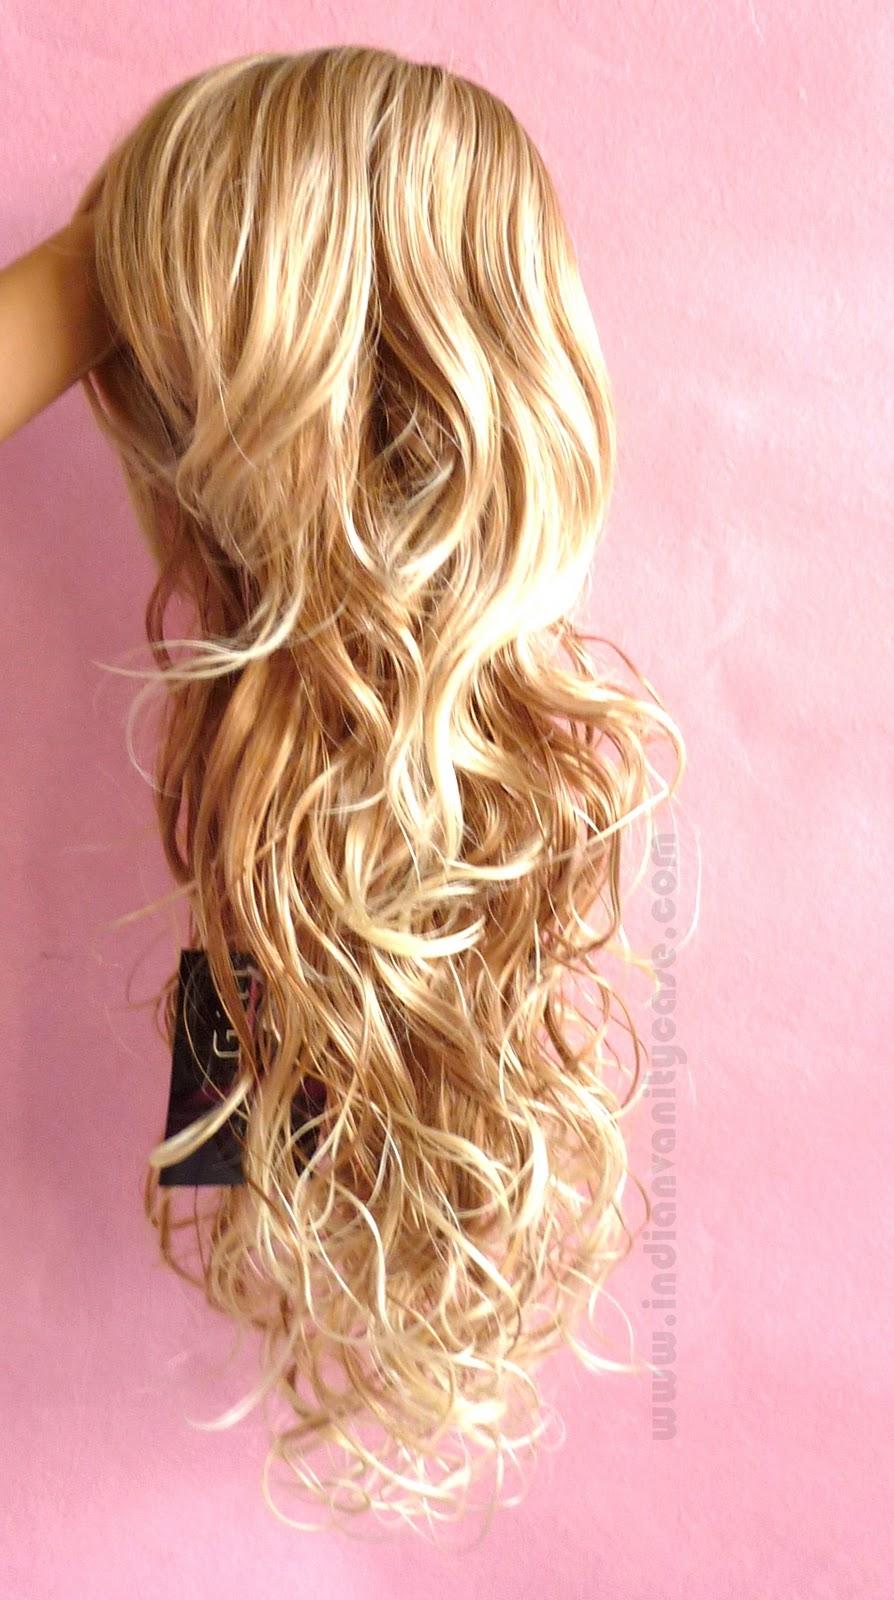 Barbie Blonde Wig 106